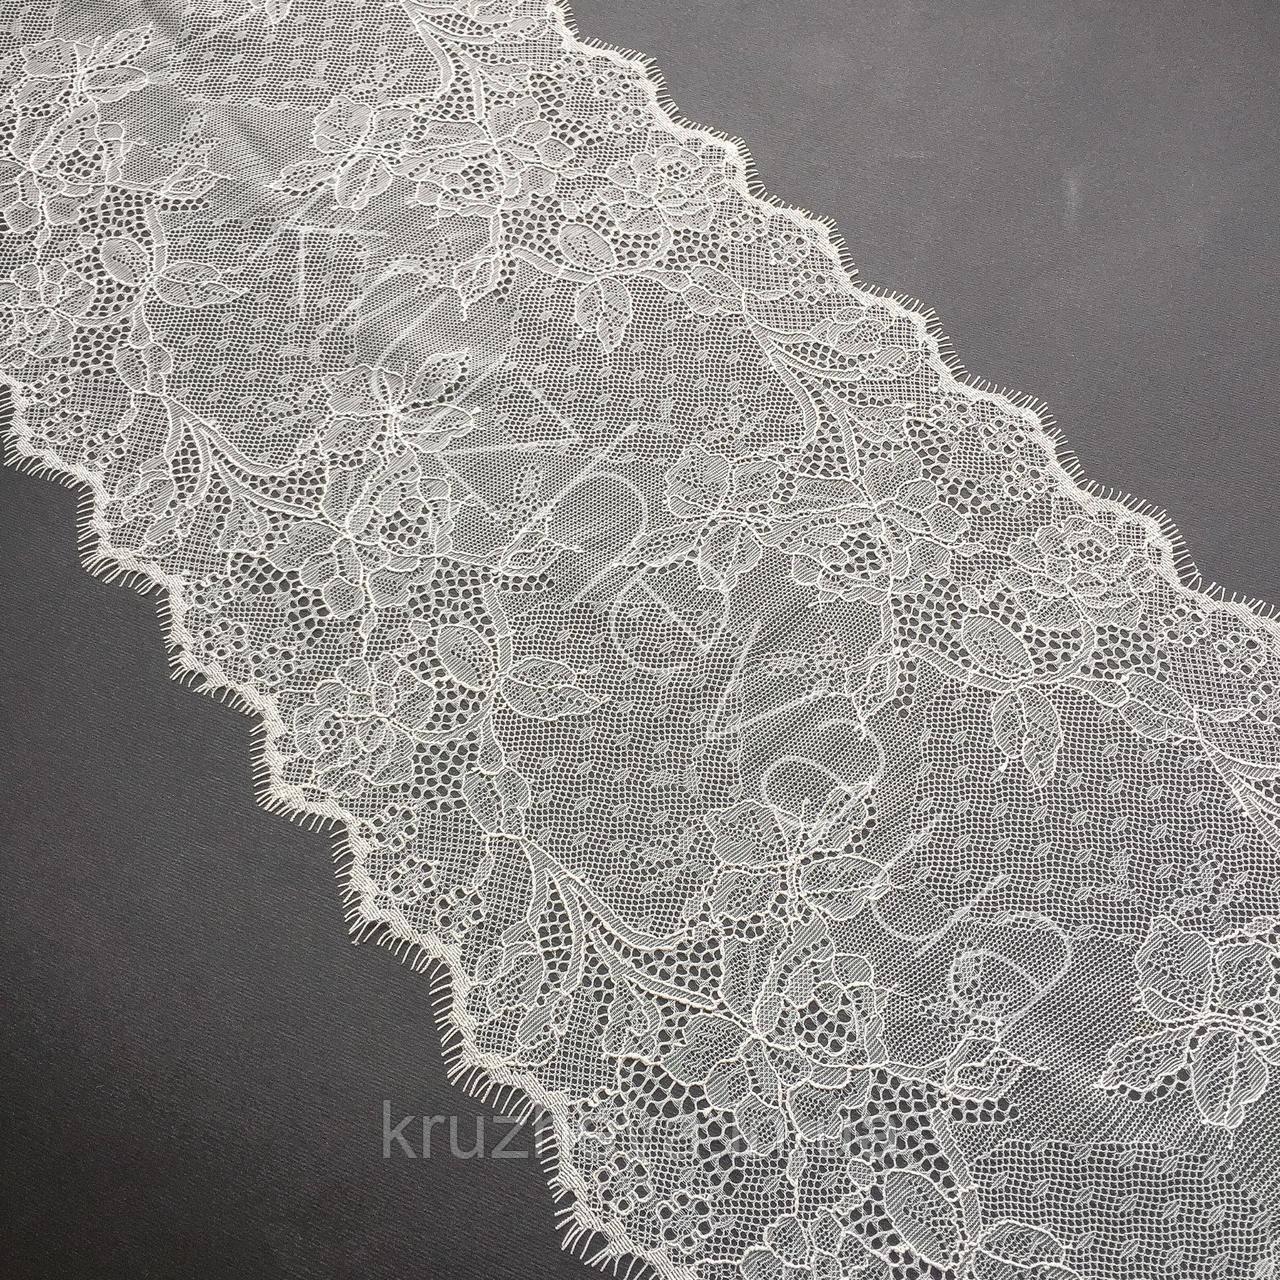 Ажурне французьке мереживо шантильї (з віями) лляного відтінку, шир.22 см, довжина купона 1,40 м.